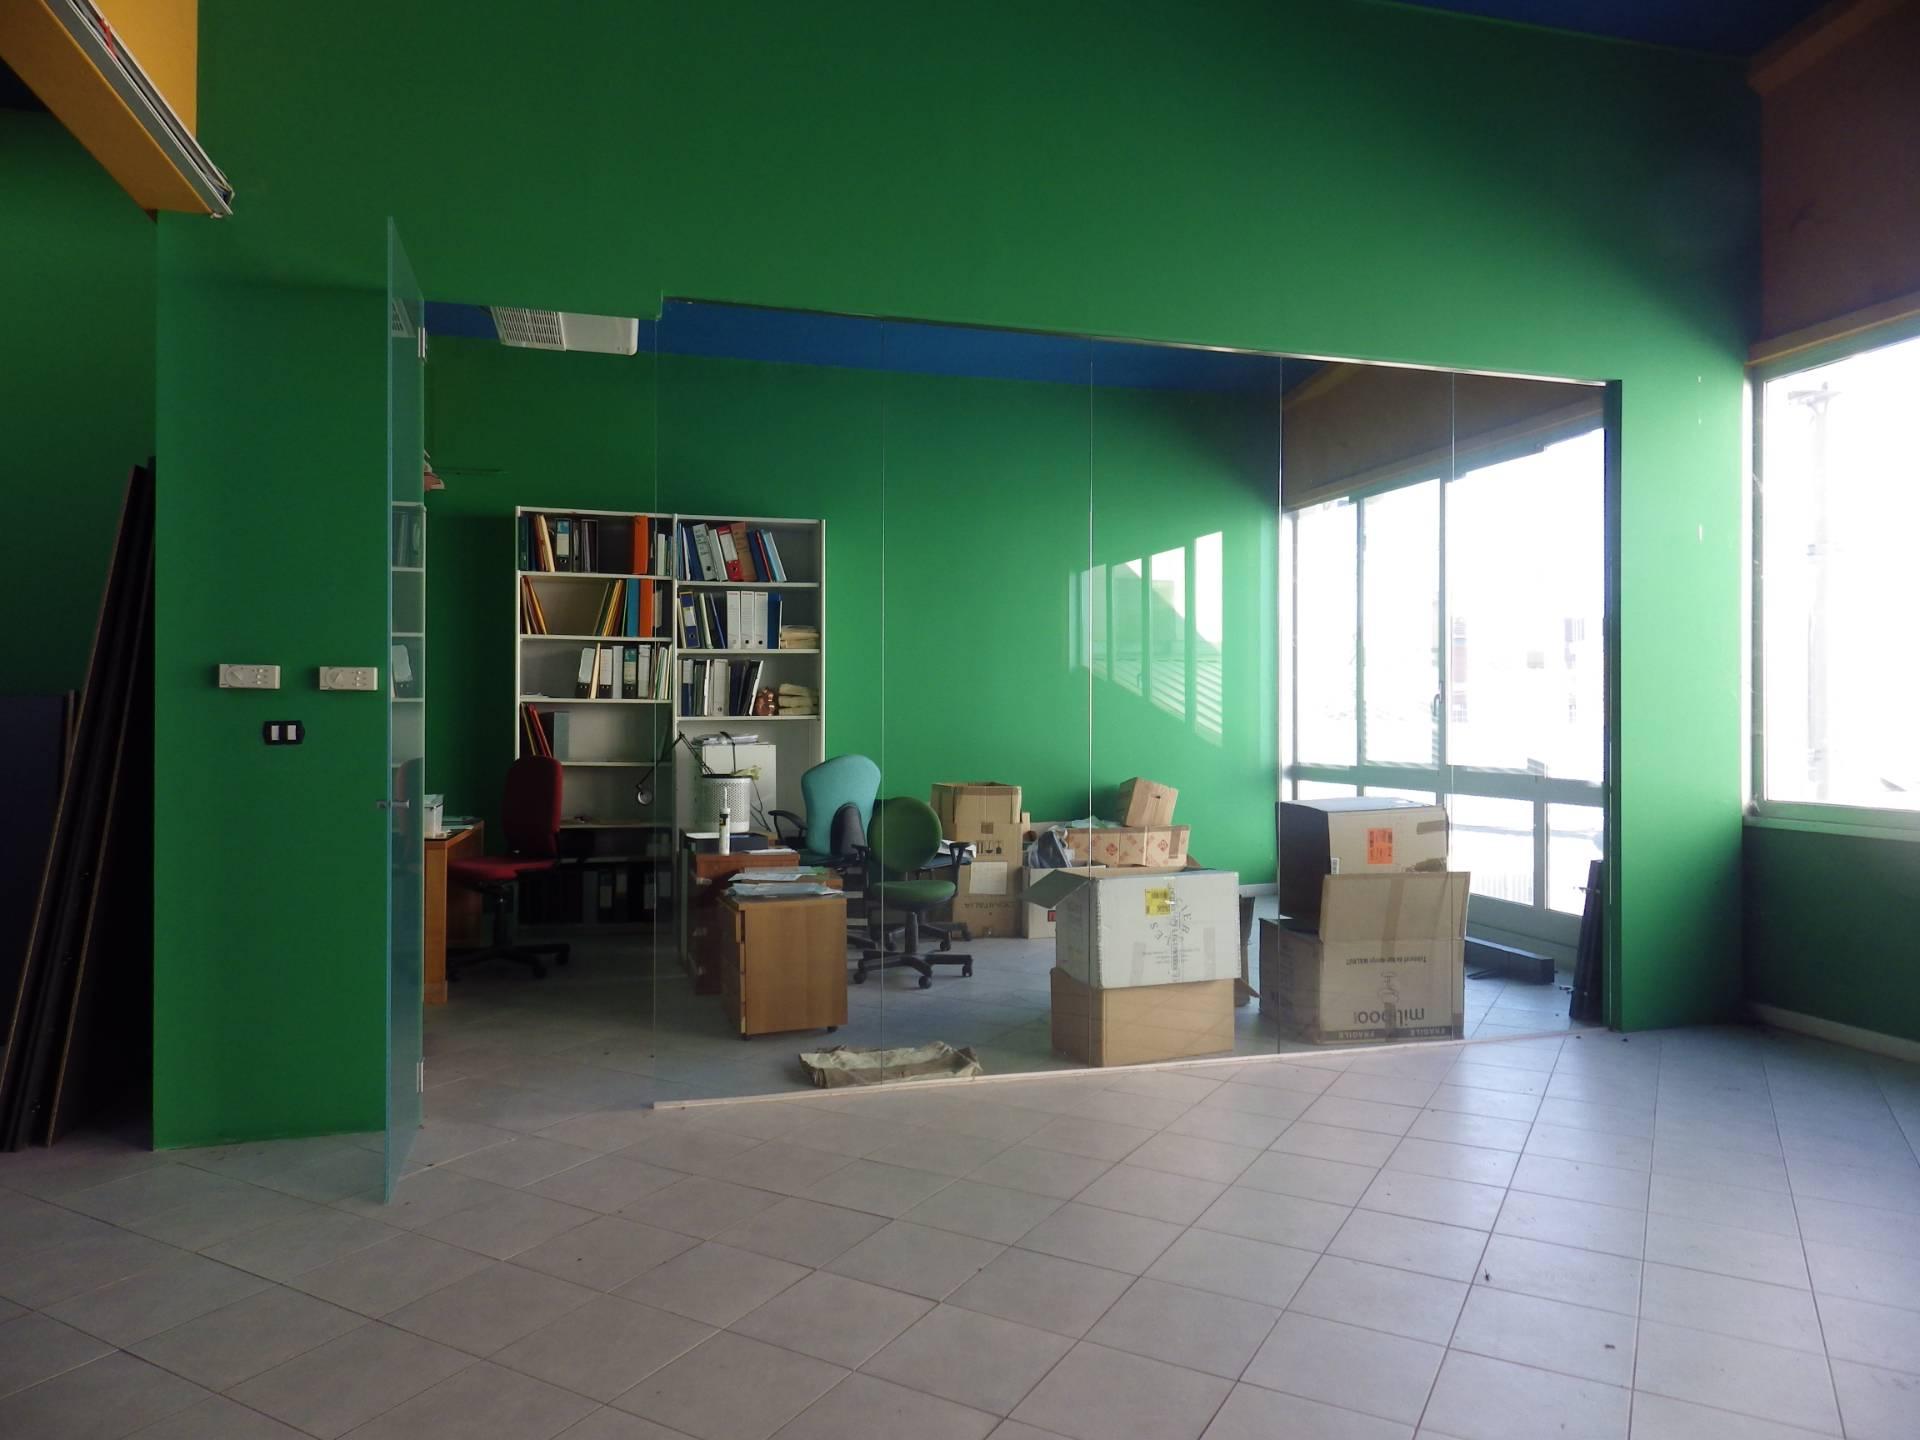 Negozio / Locale in affitto a Rosta, 9999 locali, zona Località: CorsoMoncenisio, prezzo € 1.950 | CambioCasa.it